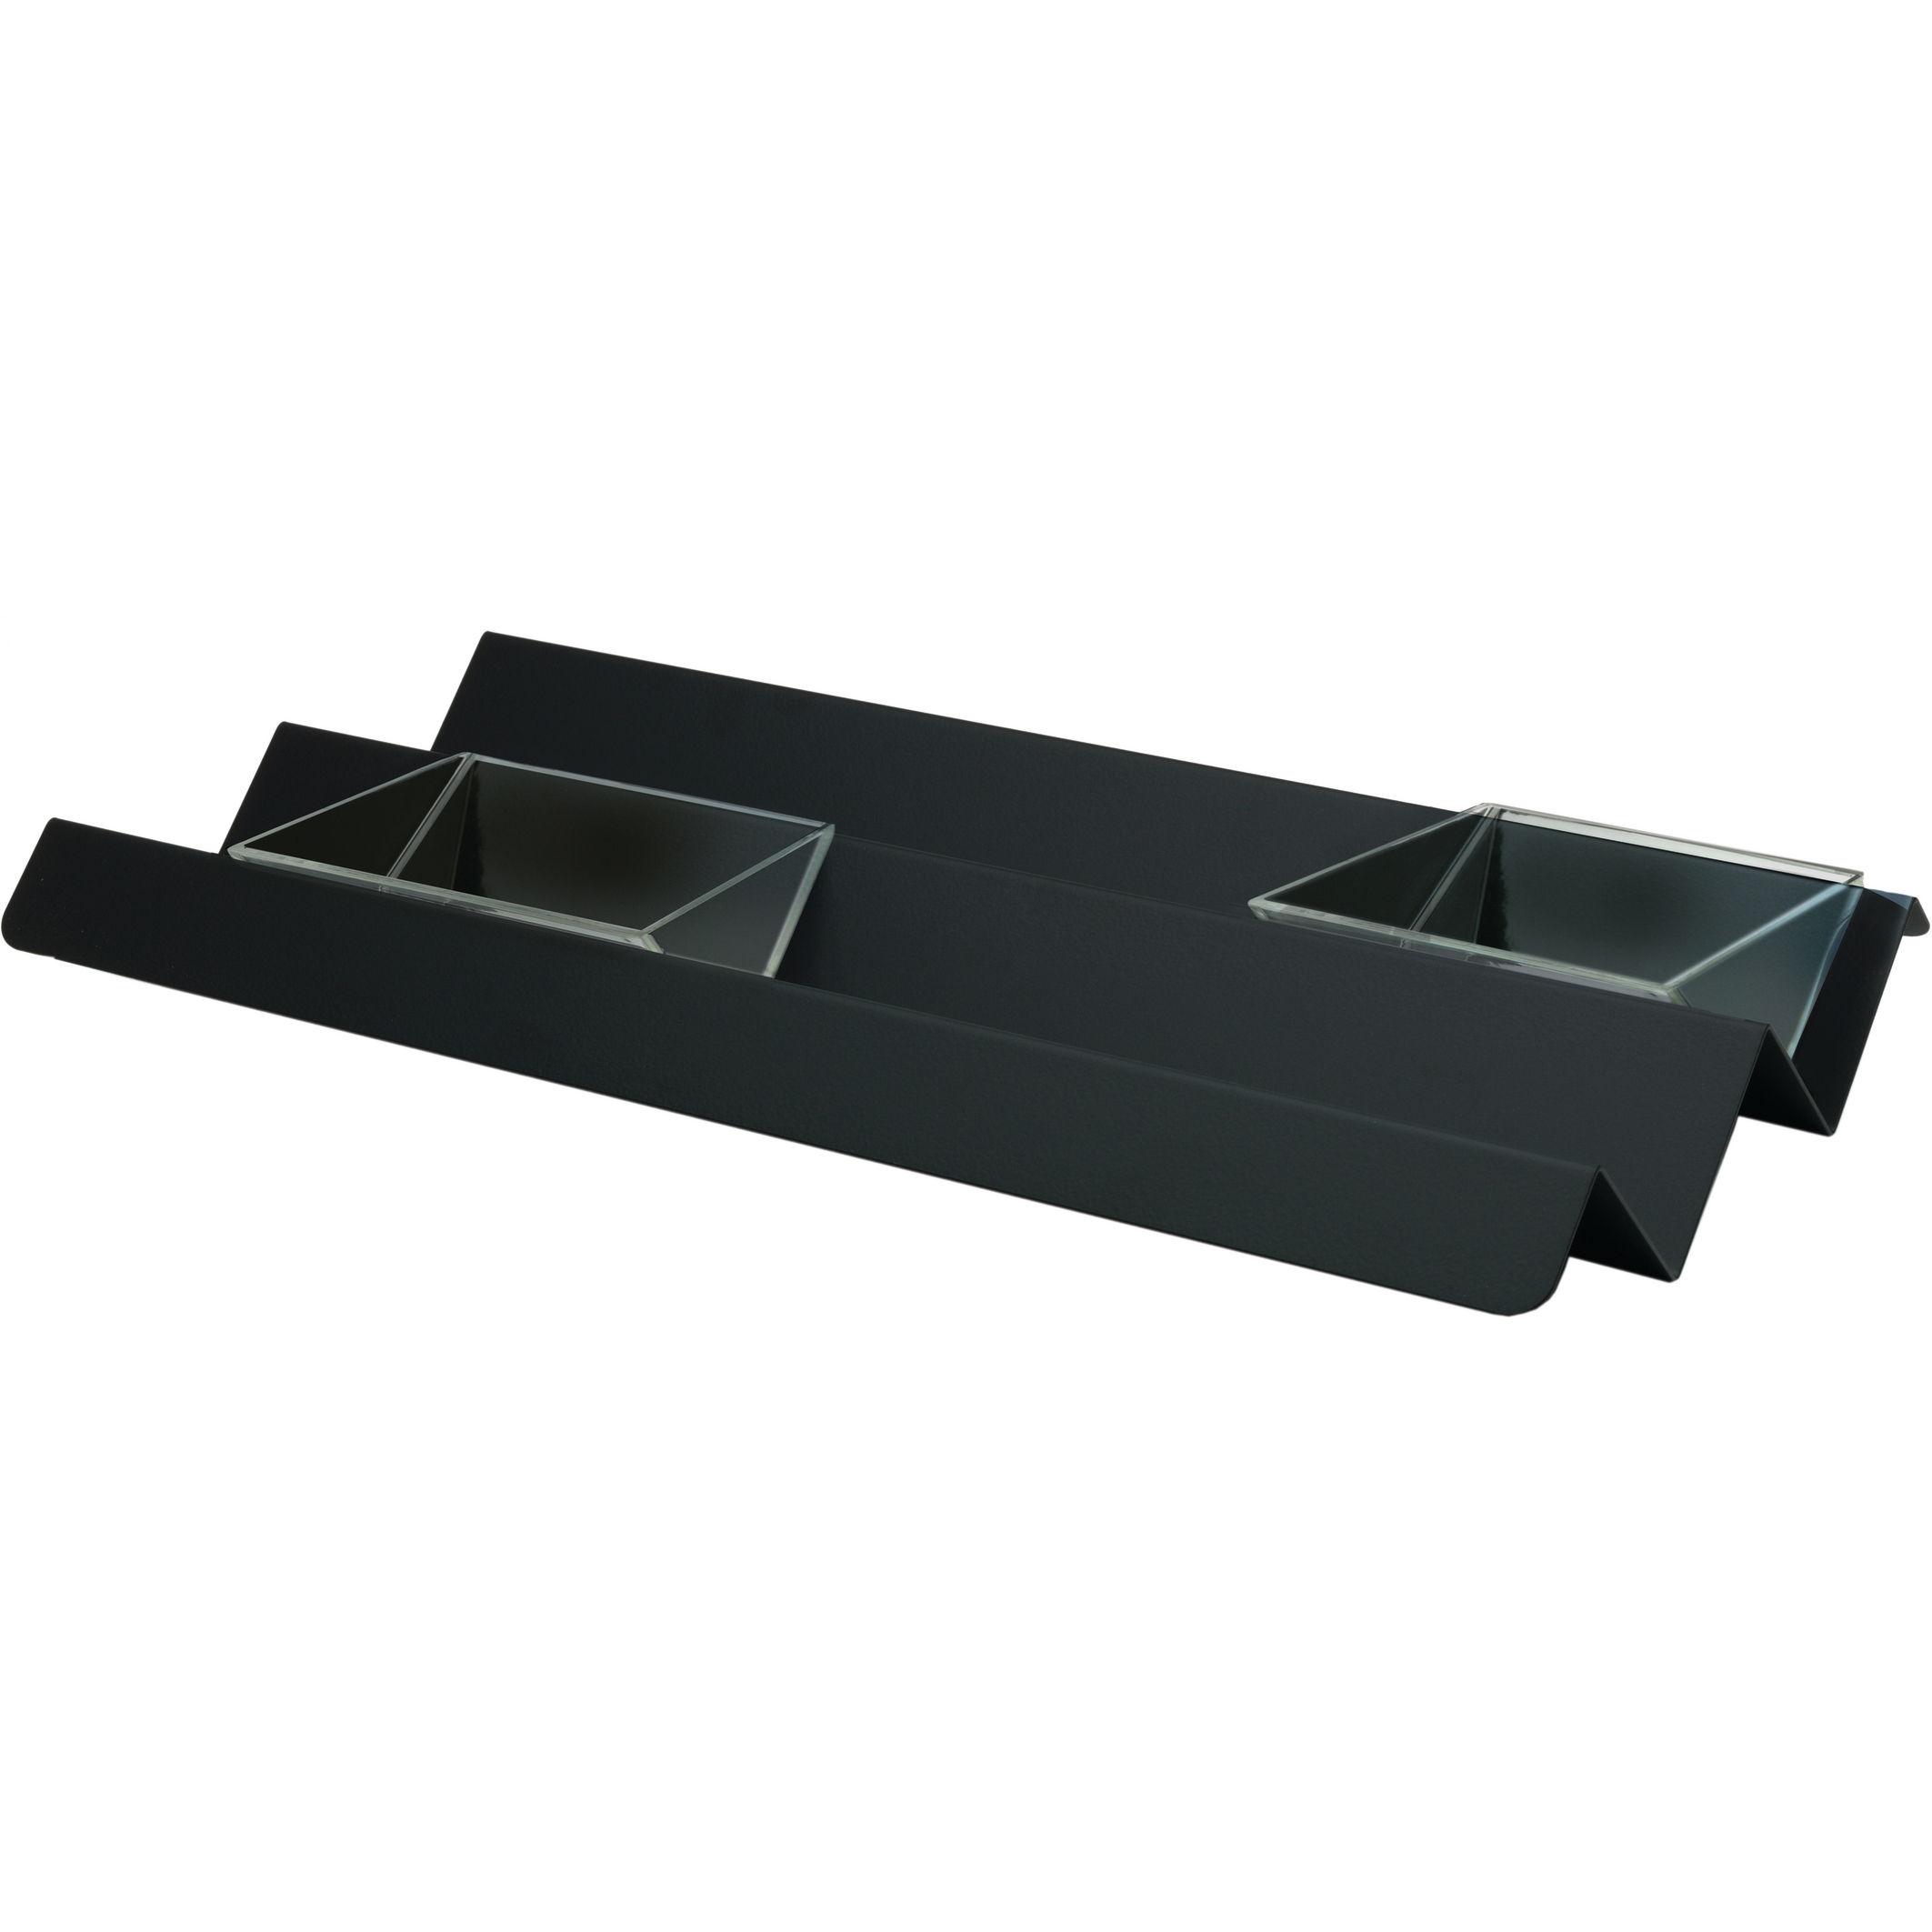 Arts de la table - Plats - Plateau V tray / 45 x 23 cm - Alessi - Noir super black - Acier